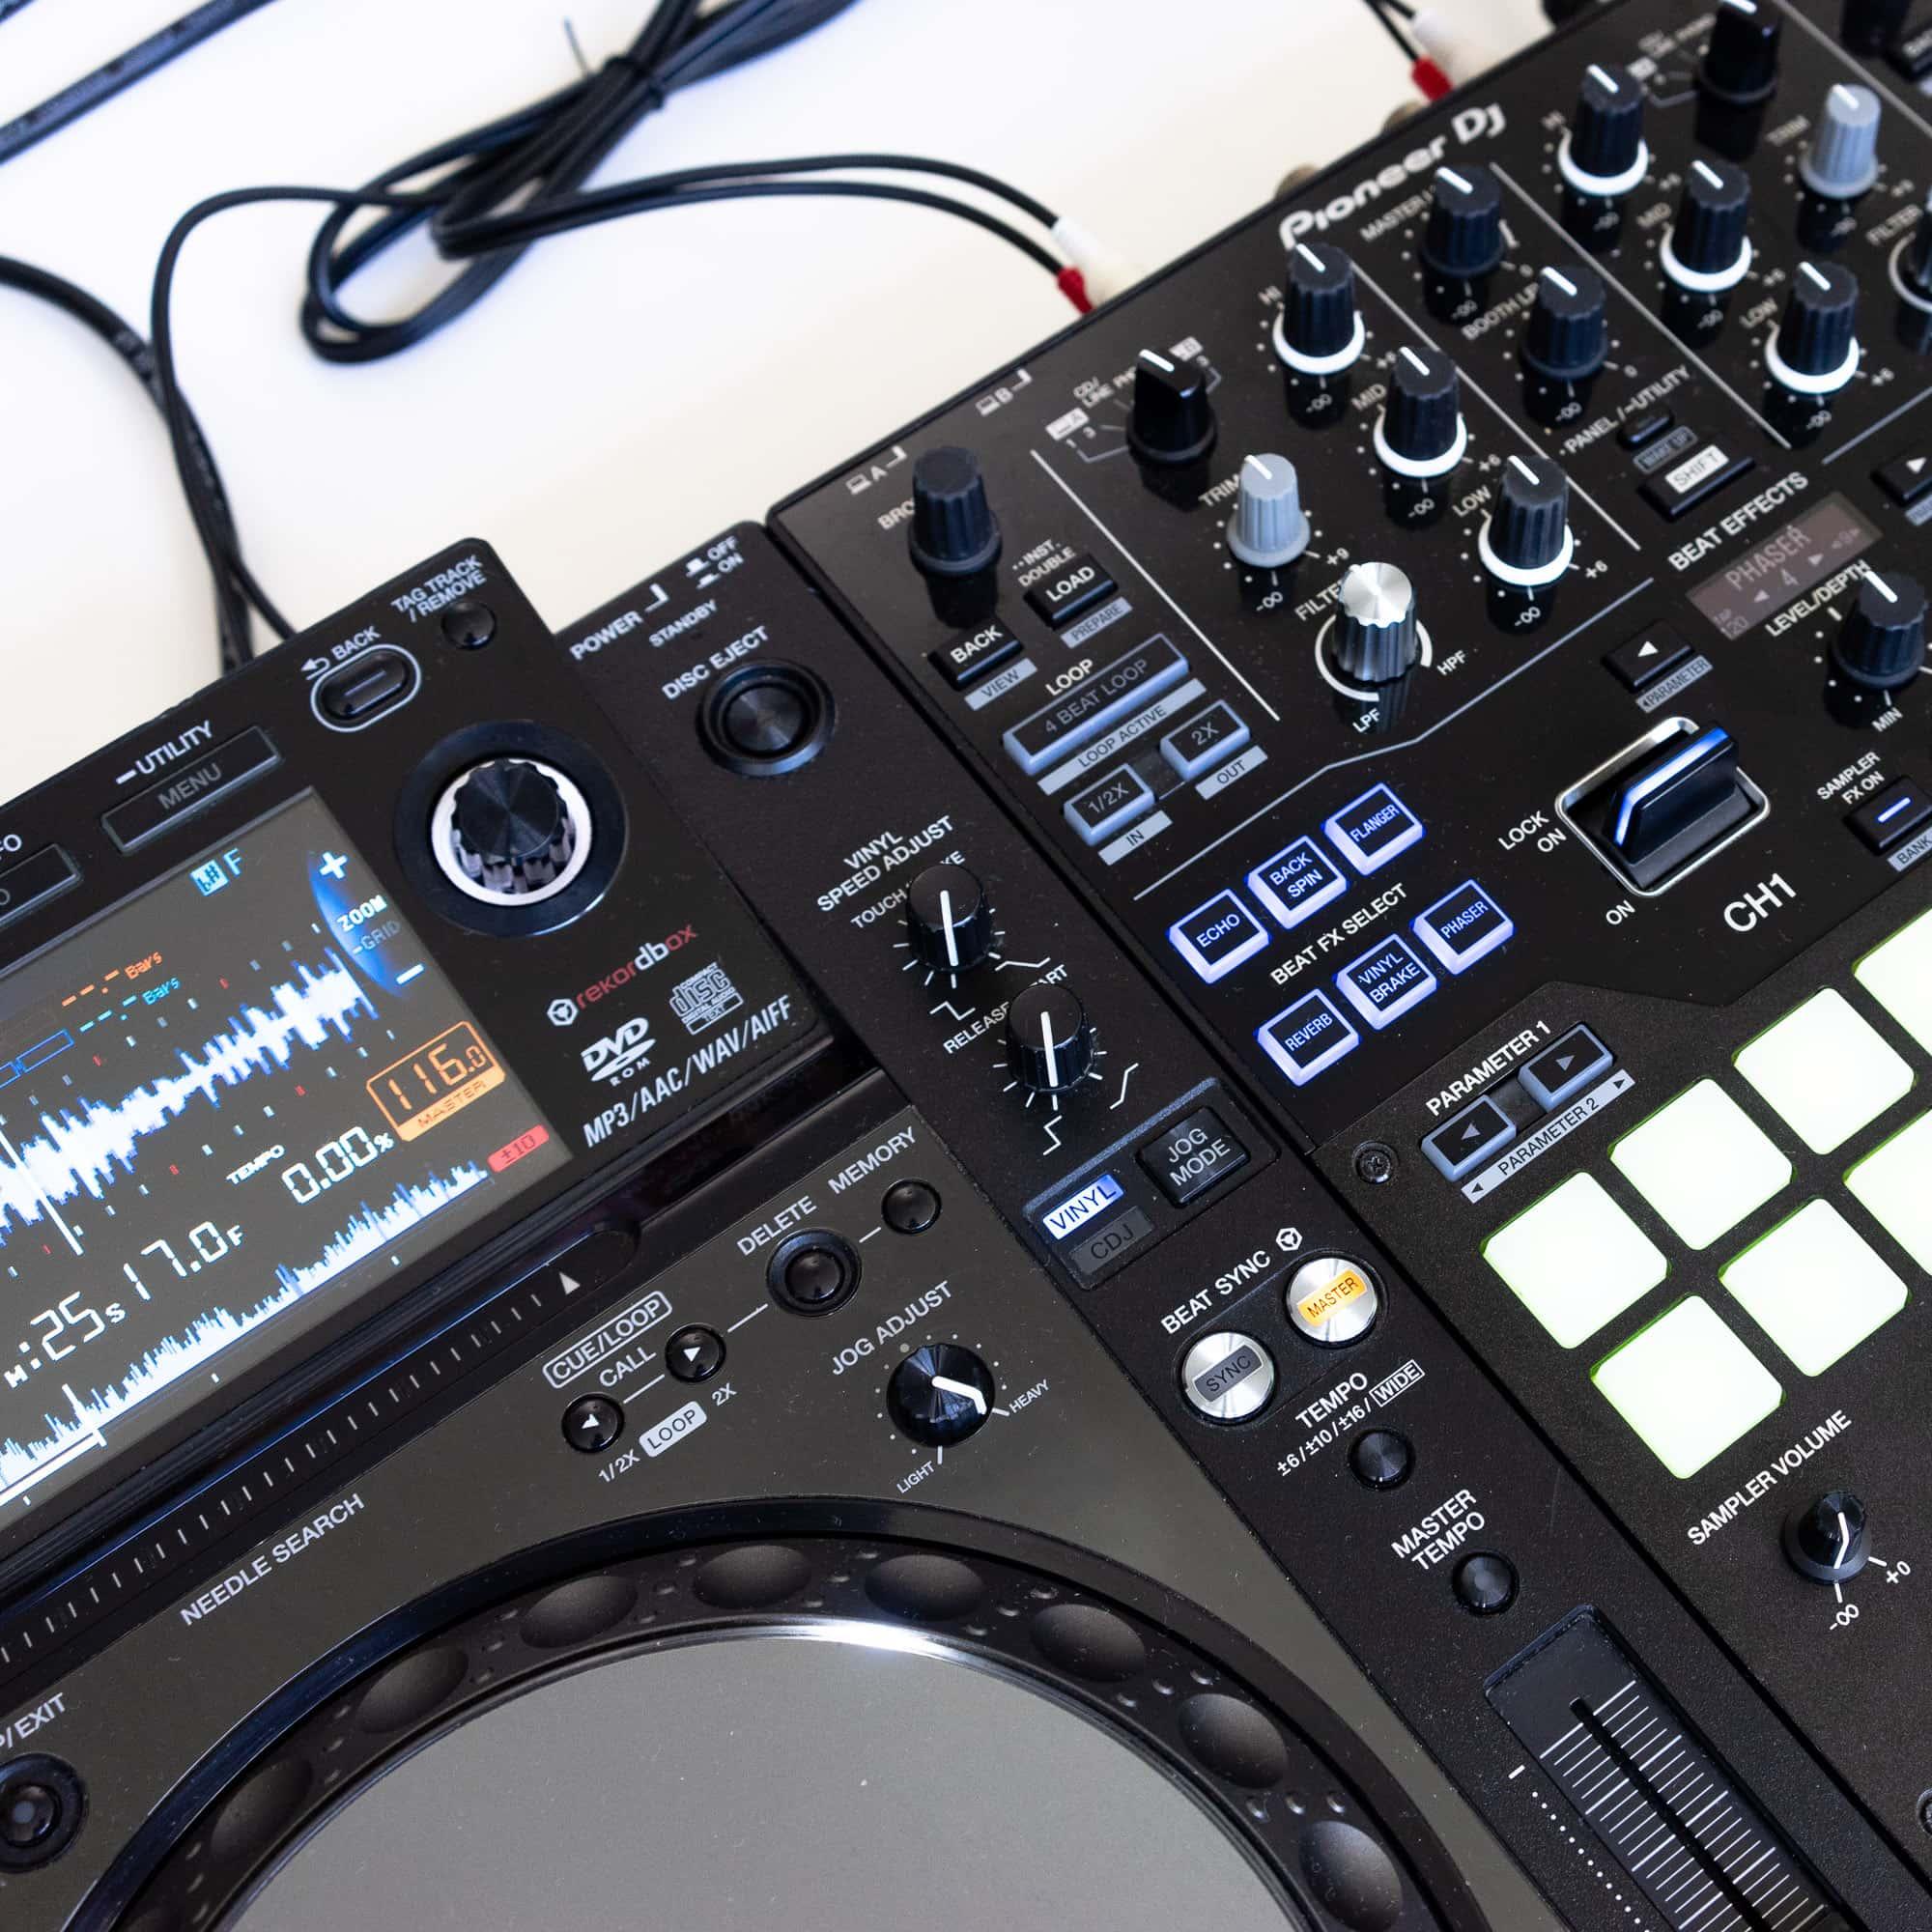 gebraucht kaufen DJ-Set: 2x Pioneer CDJ 2000 NXS Nexus + 1x Pioneer DJM S9